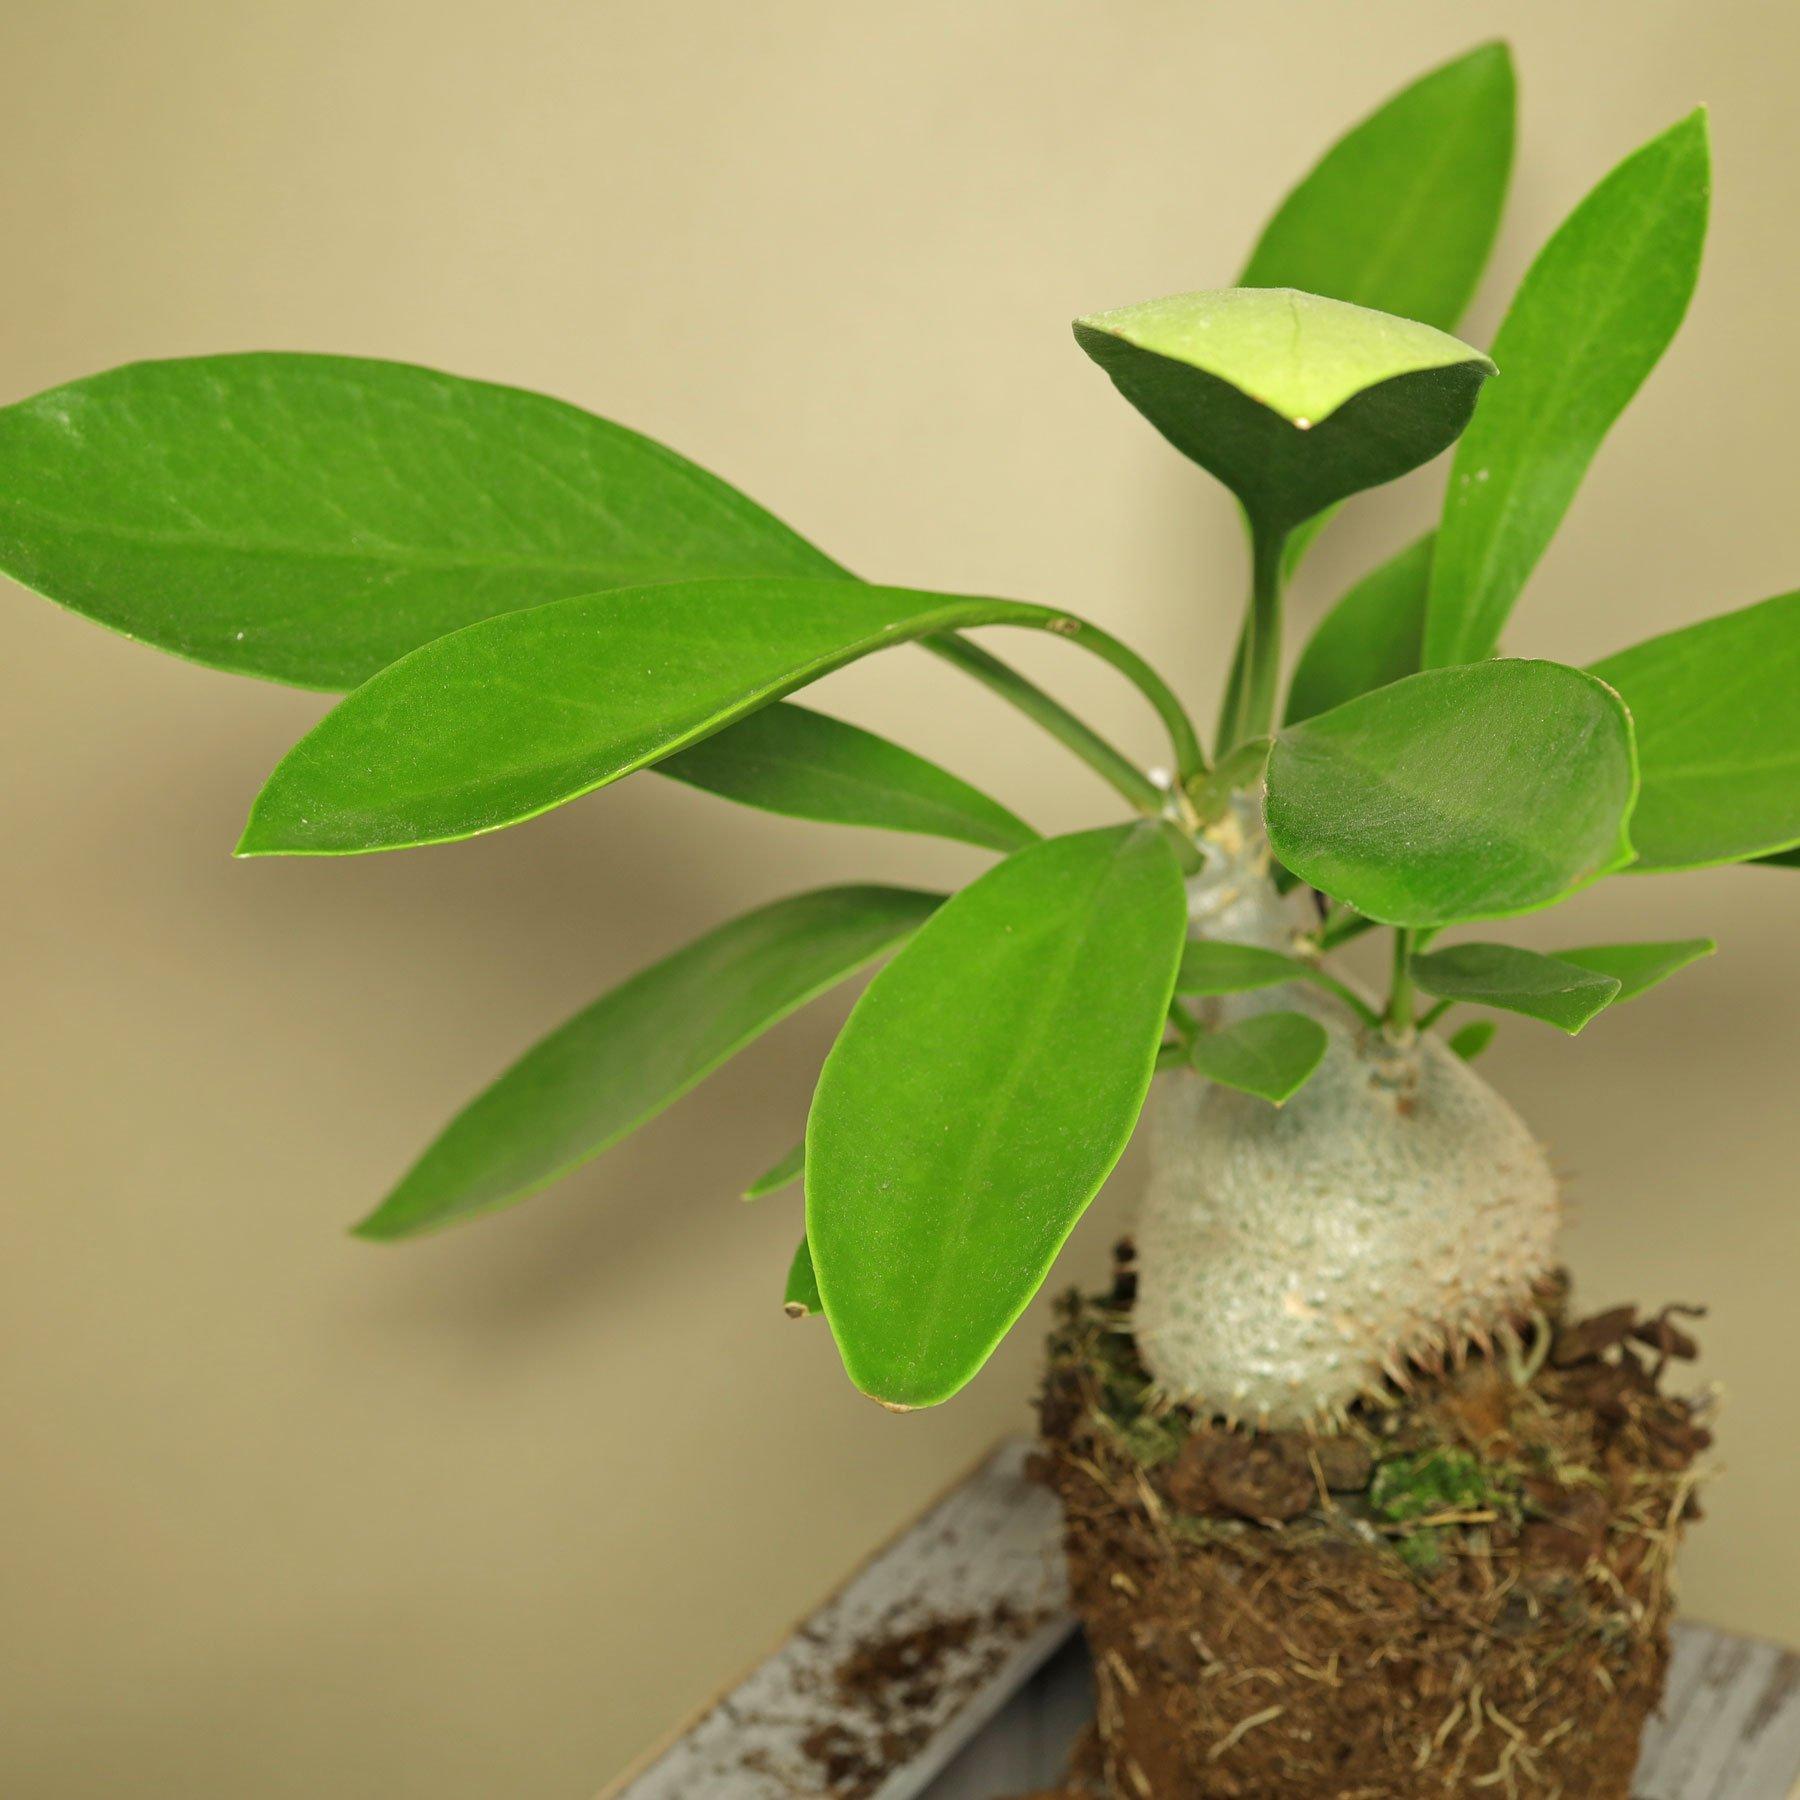 Ameisenpflanze